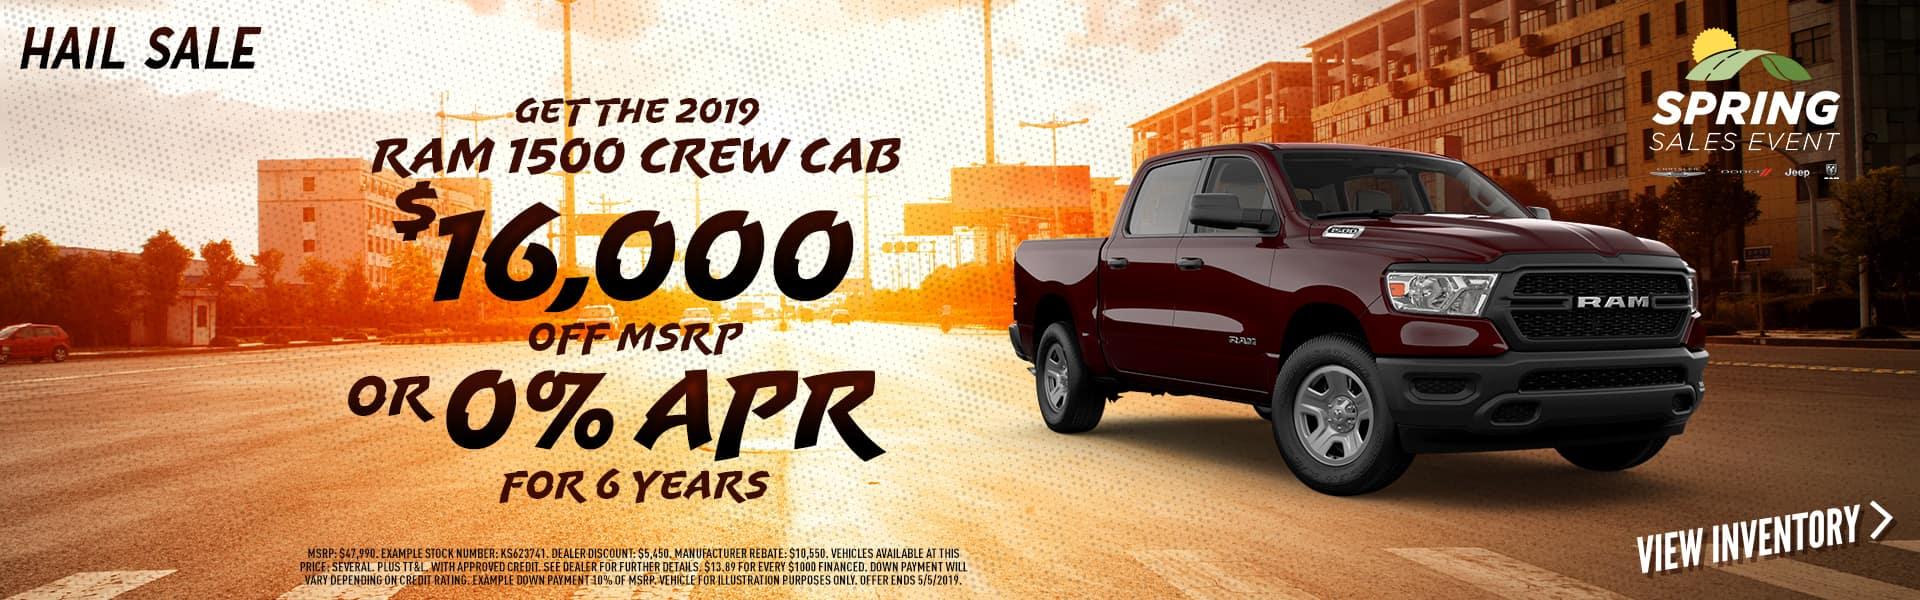 2019-Ram-1500-Crew-Cab